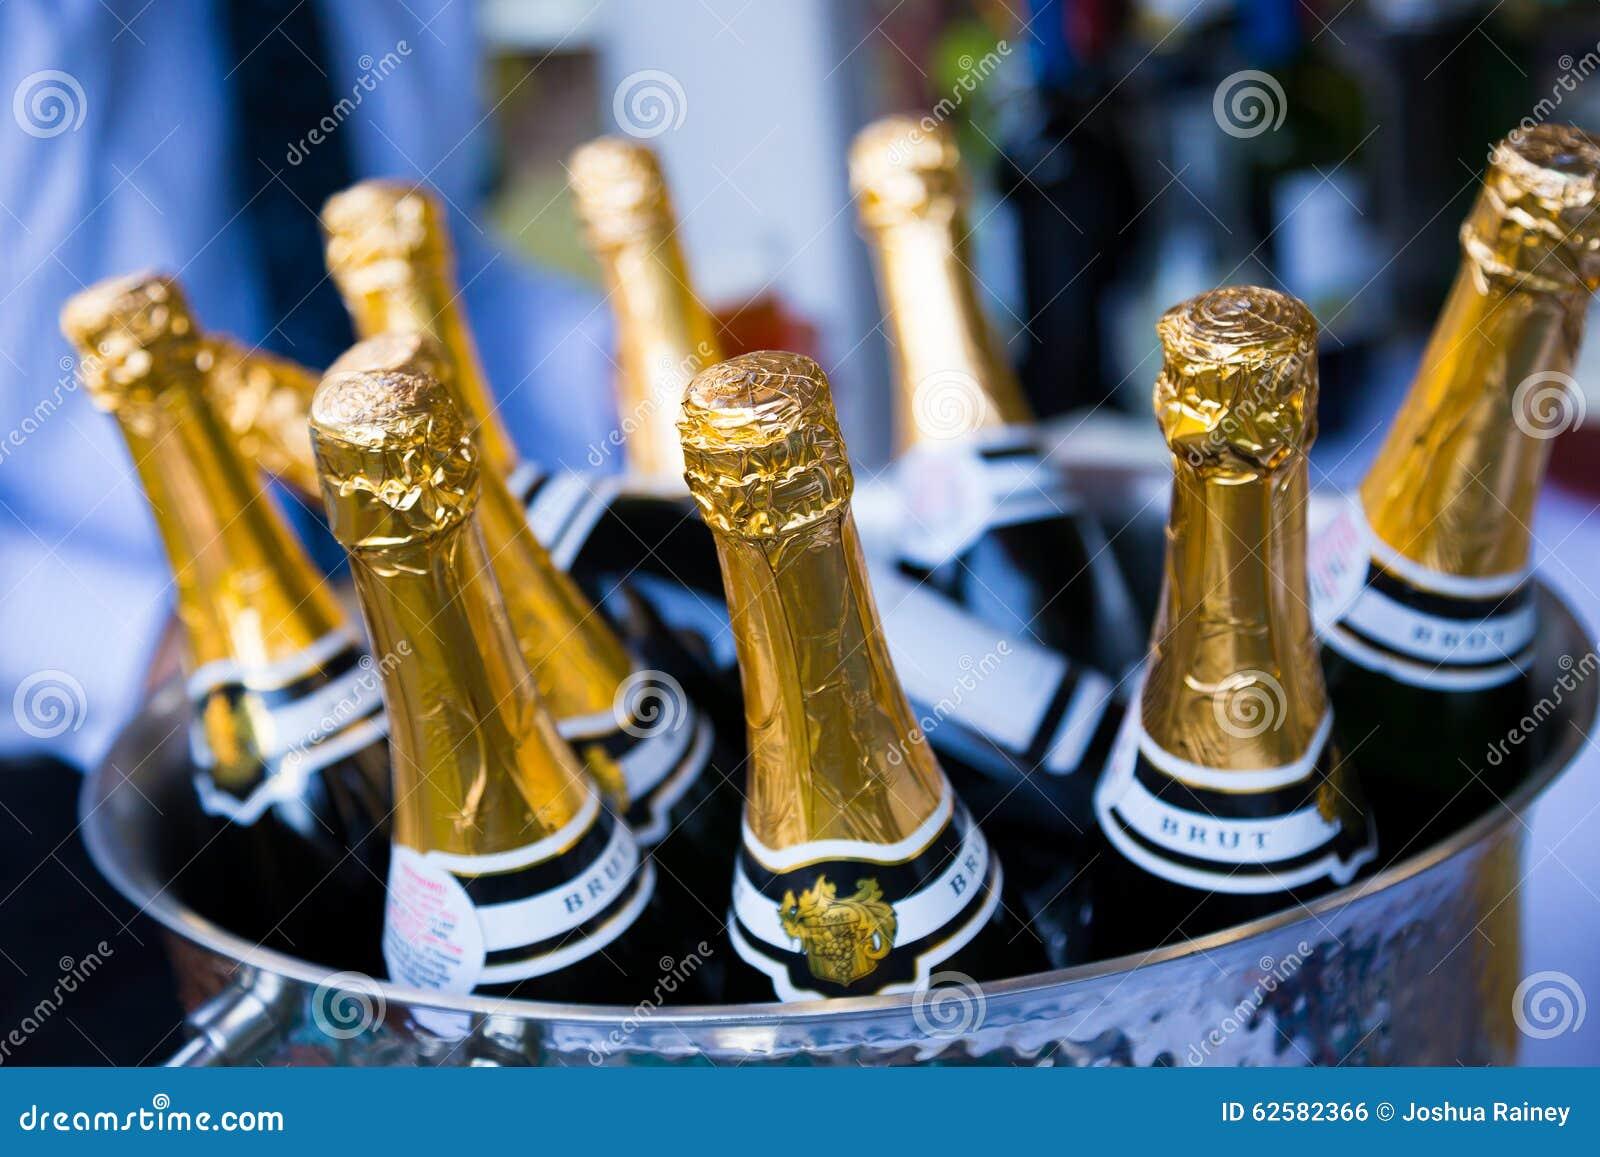 Champagne Bottles Brut pour le pain grillé au mariage